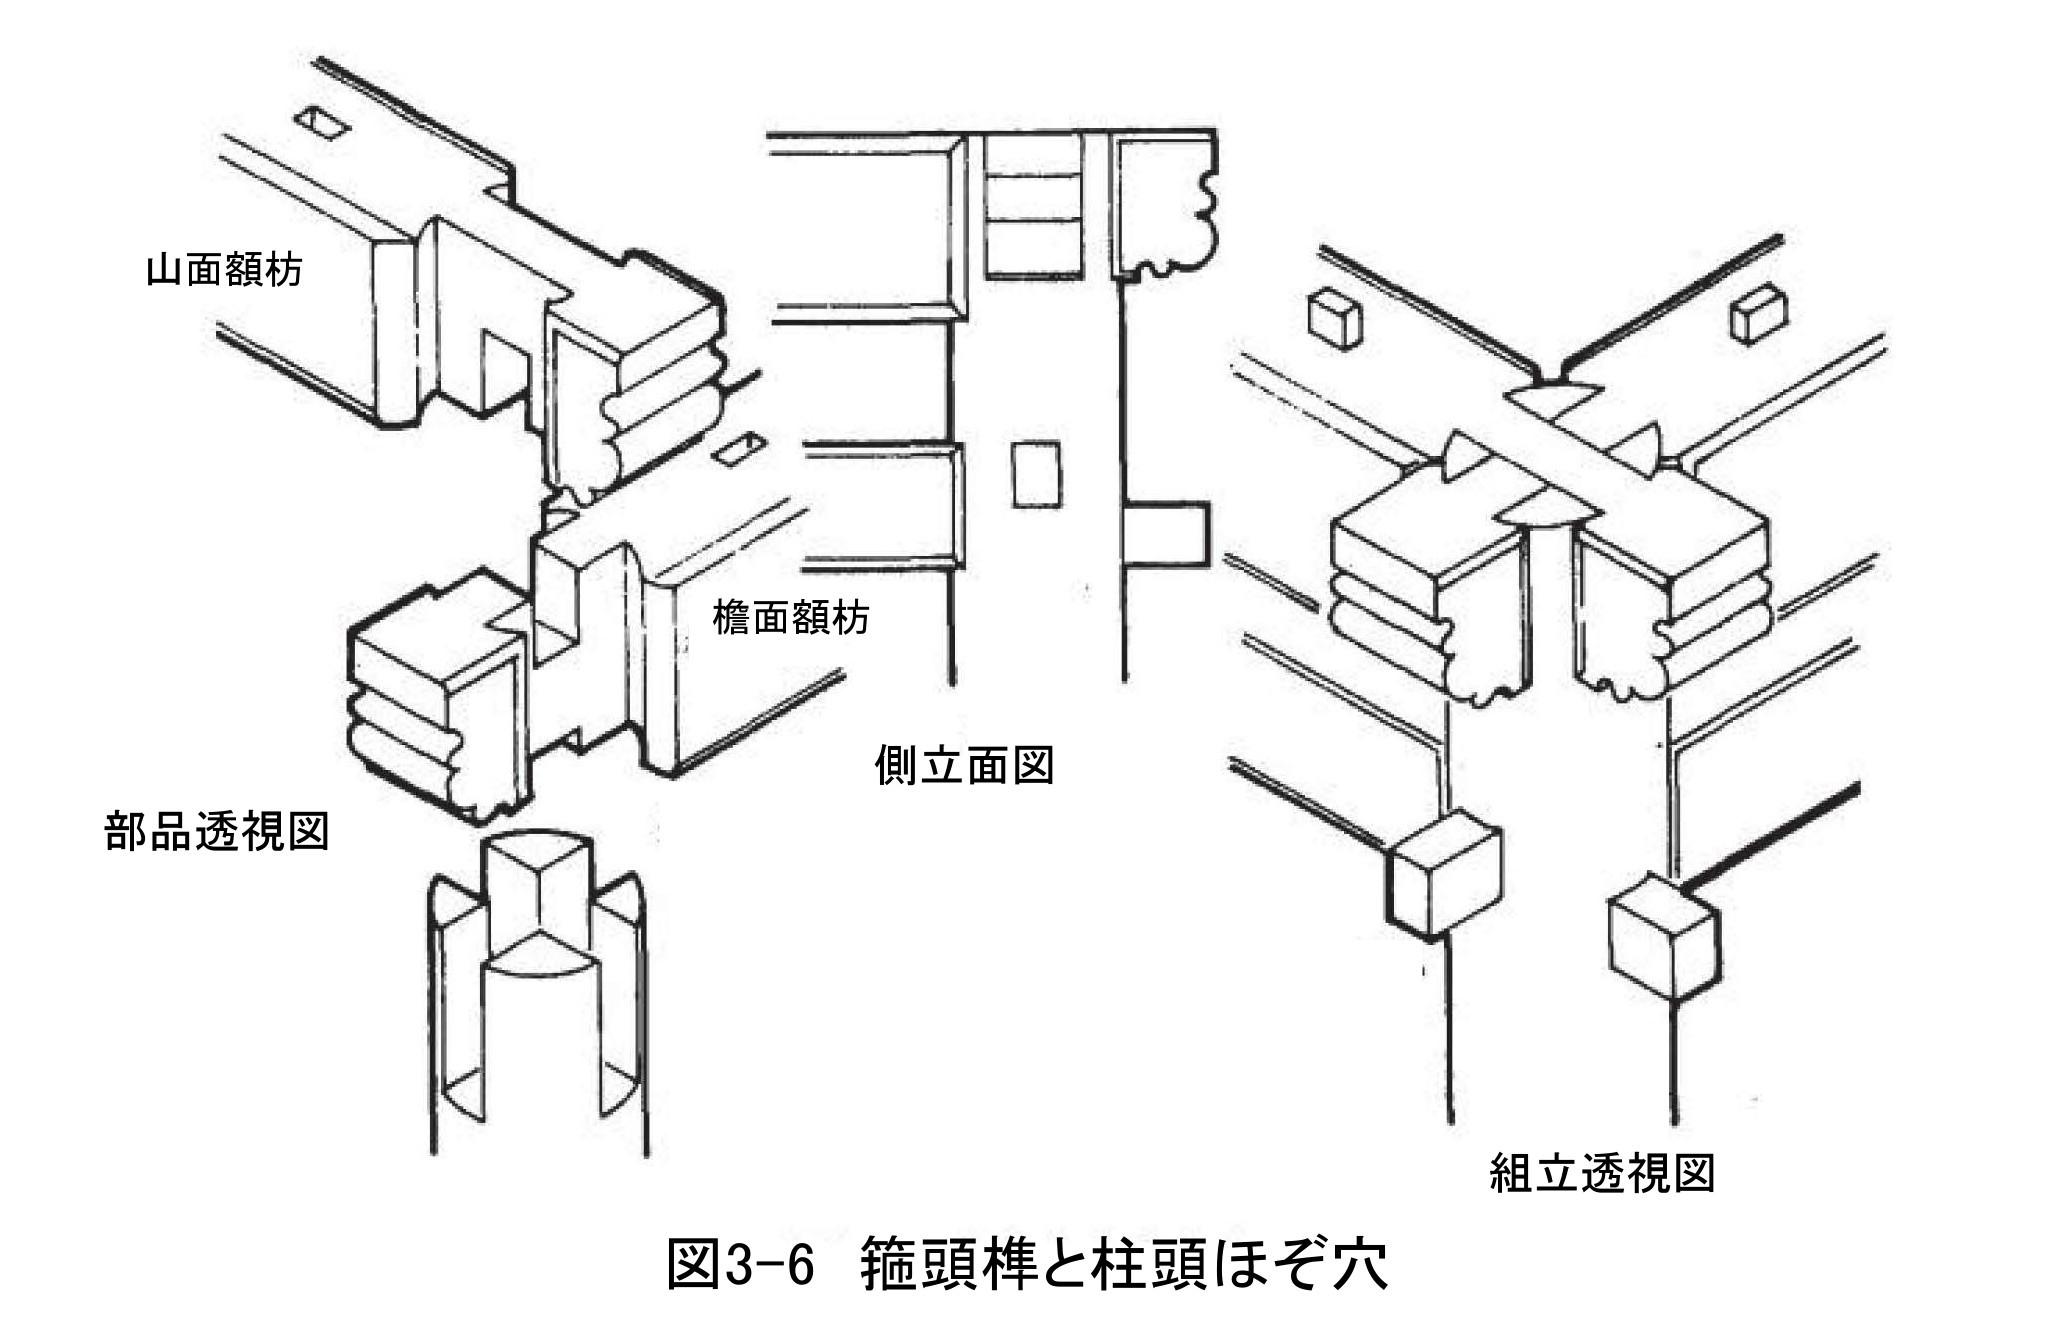 266 中国古建築のほぞと継ぎ手(1)_e0309314_23085383.jpg